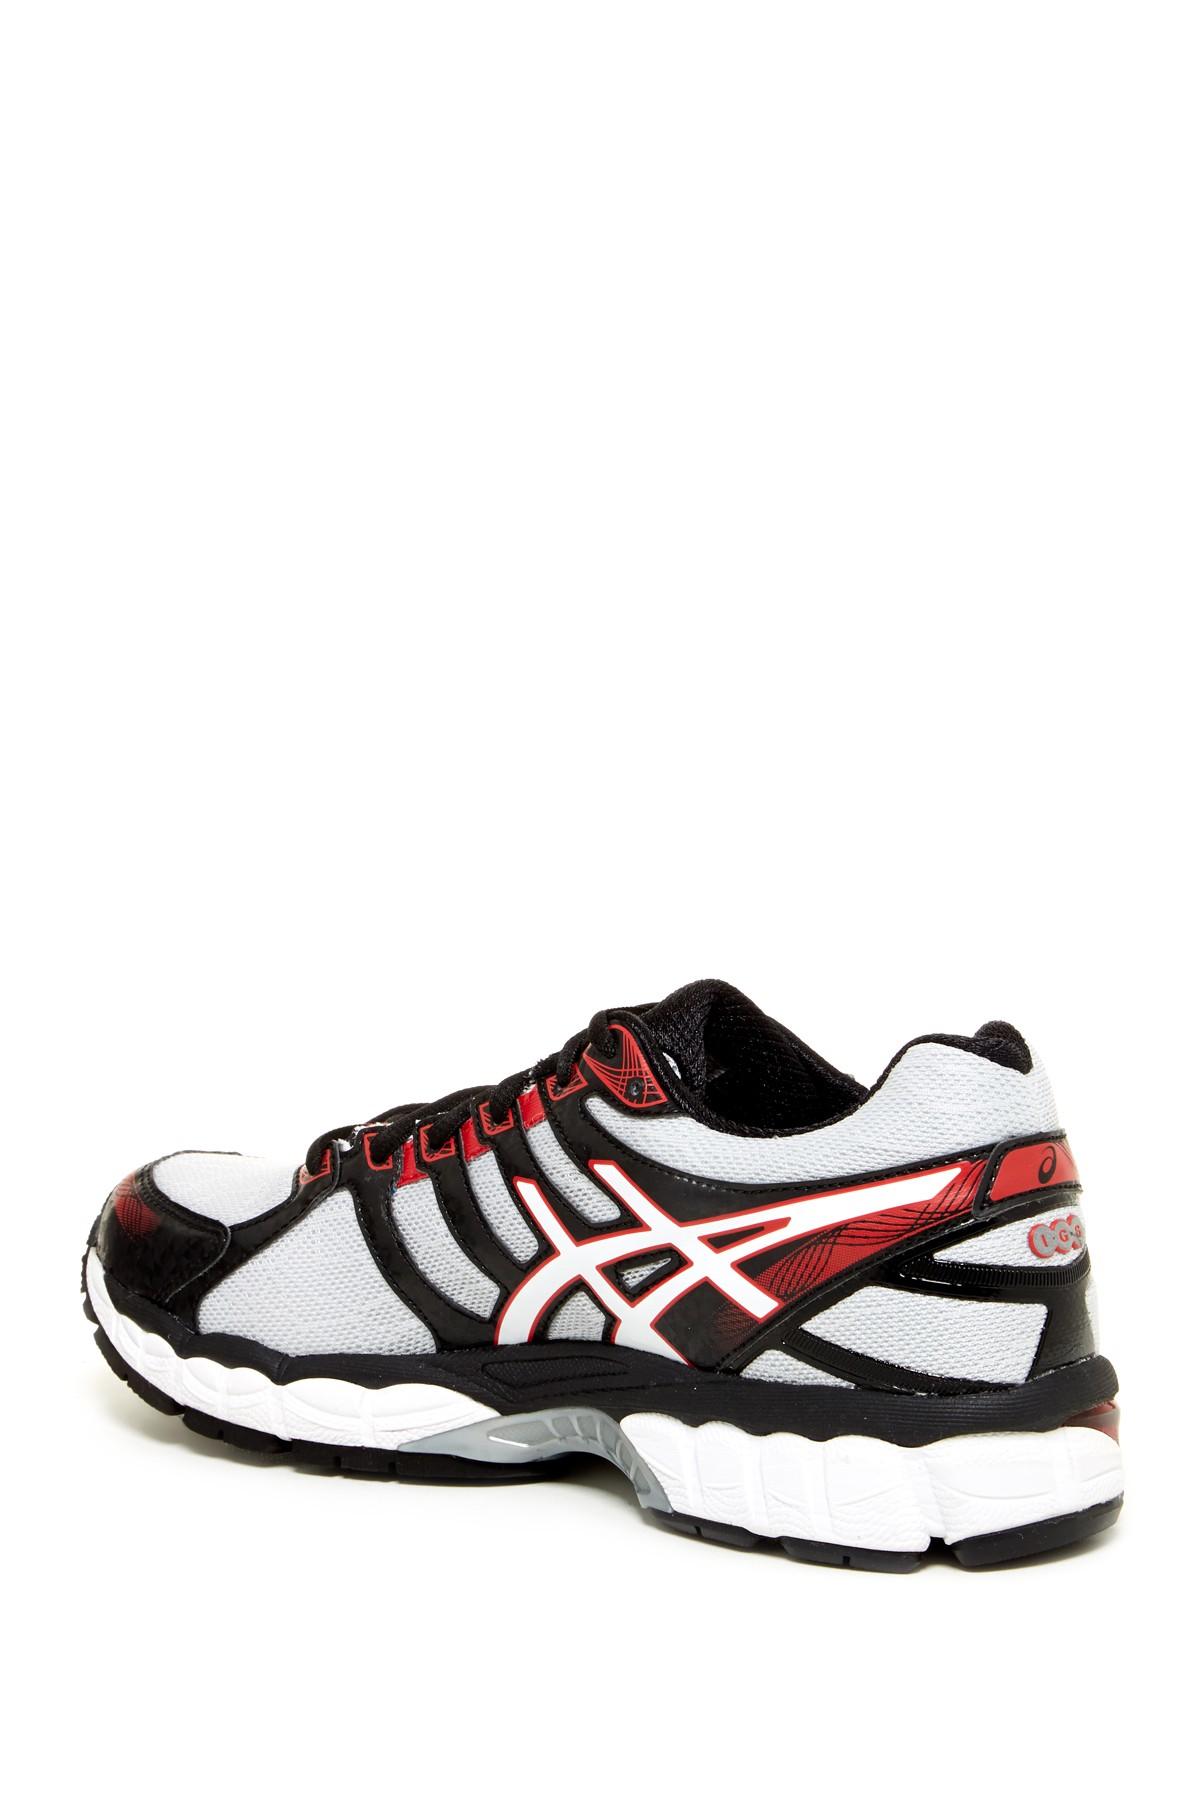 Asics Gel Evate  Neutral Running Shoe